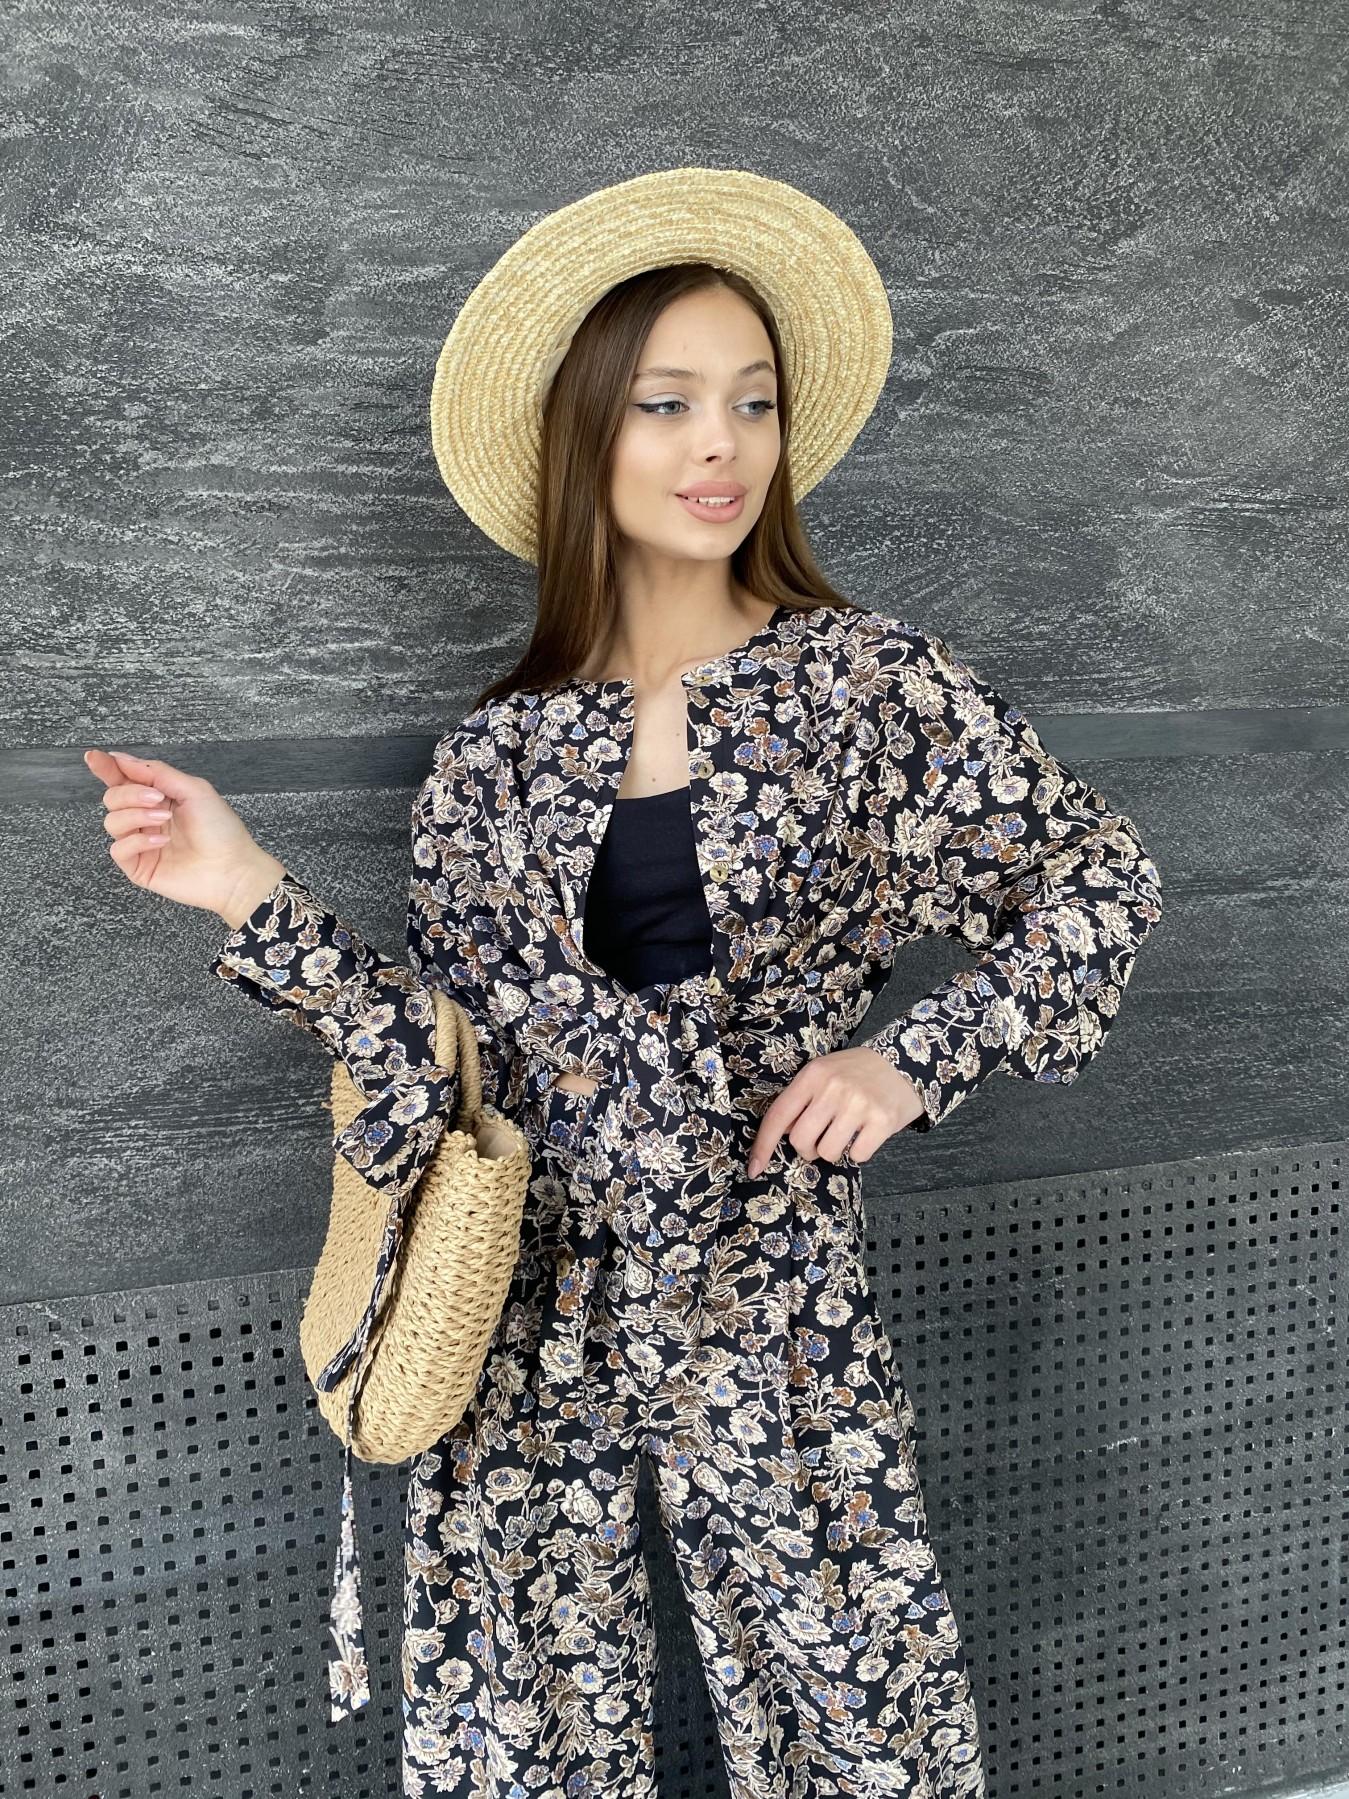 Колибри костюм софт с принтом 11244 АРТ. 47841 Цвет: Черный/т. беж, Цветы - фото 6, интернет магазин tm-modus.ru